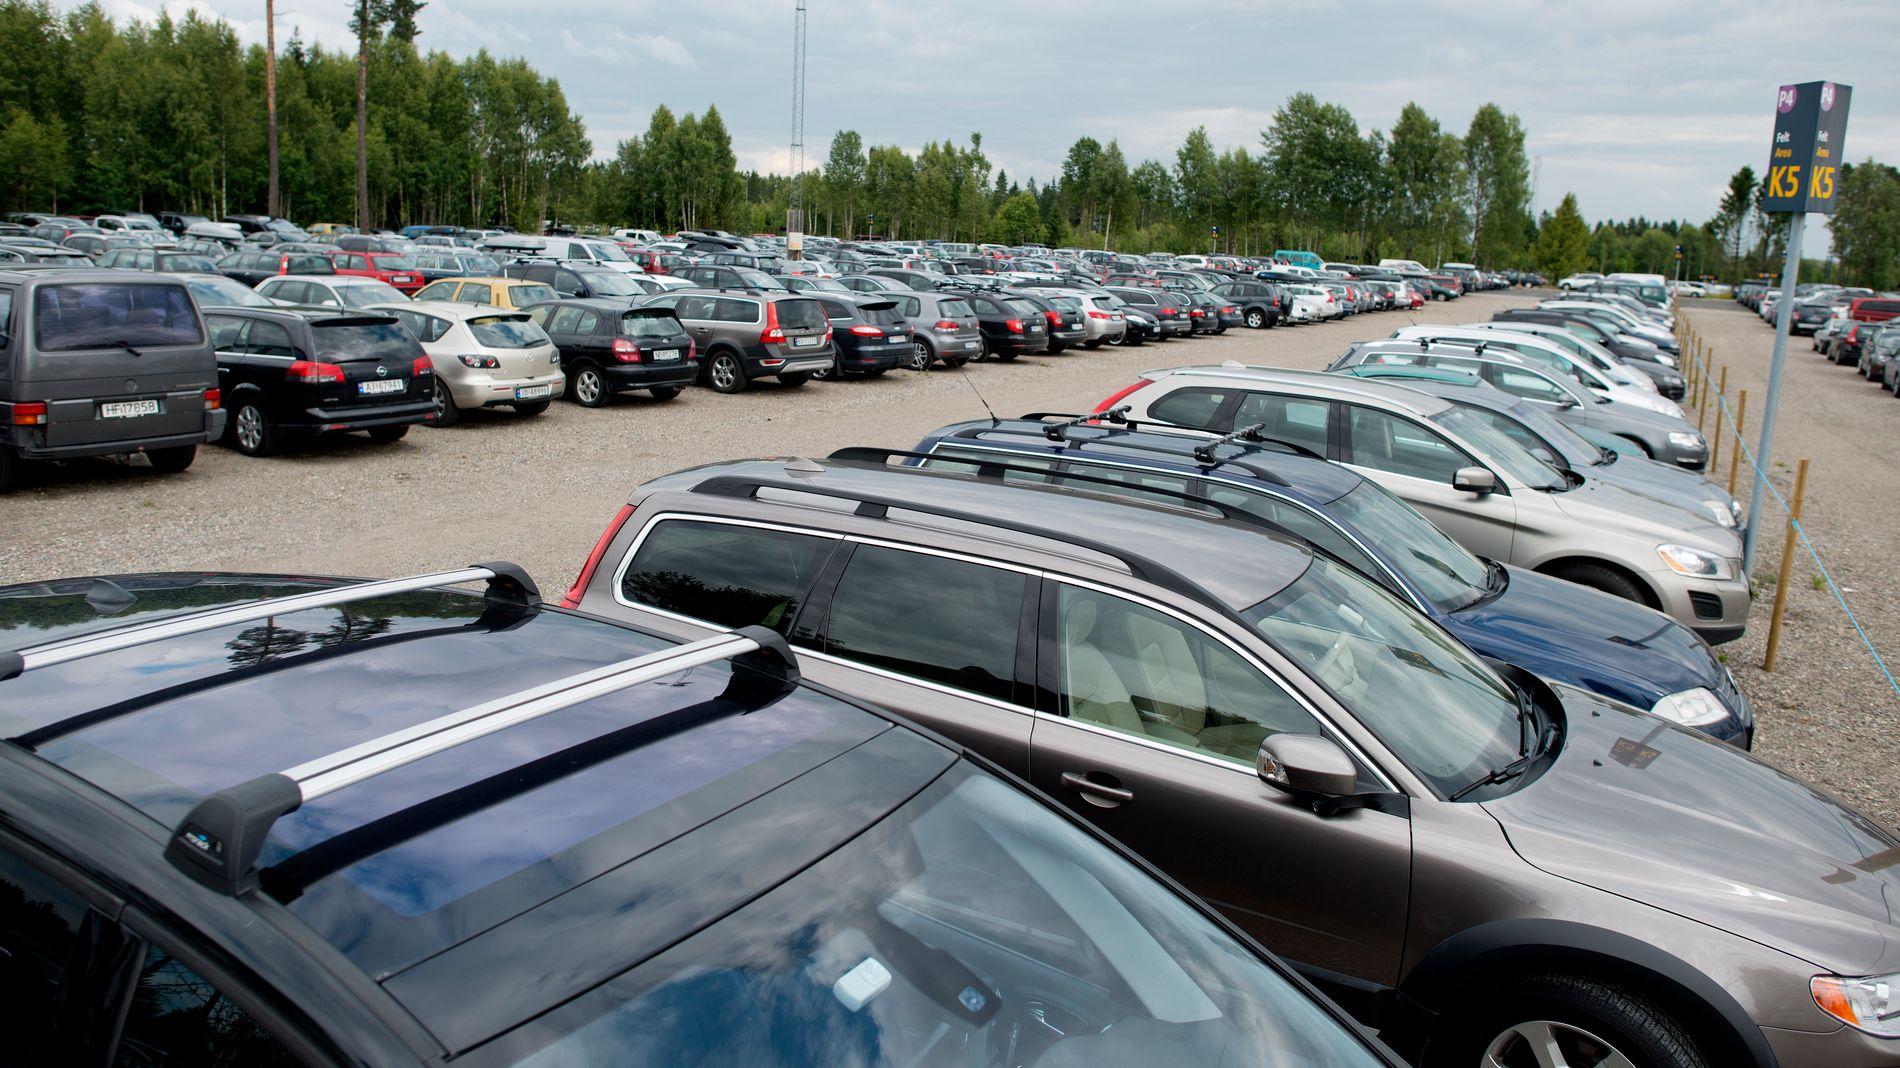 ULOVLIG?: Finansavisen skriver at så mange som 10.000 parkeringplasser ved Oslo Lufthavn Gardermoen kan være ulovlige.